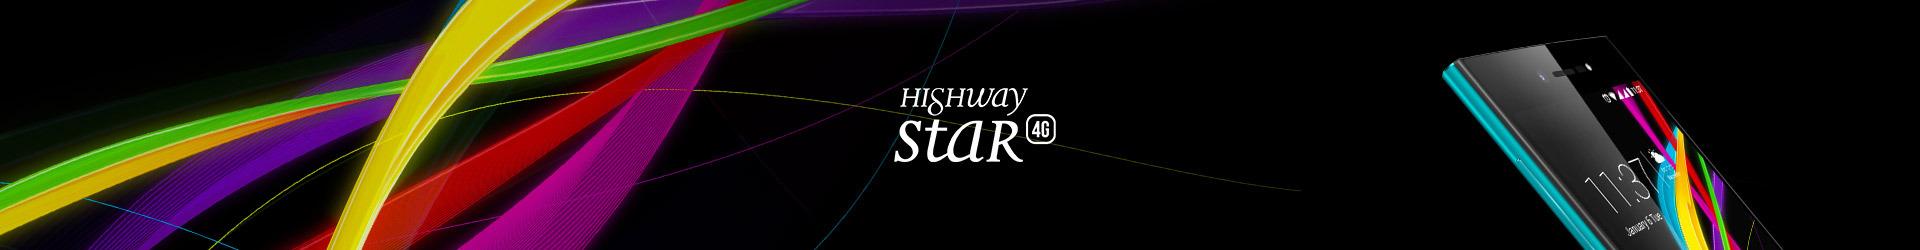 highway_star